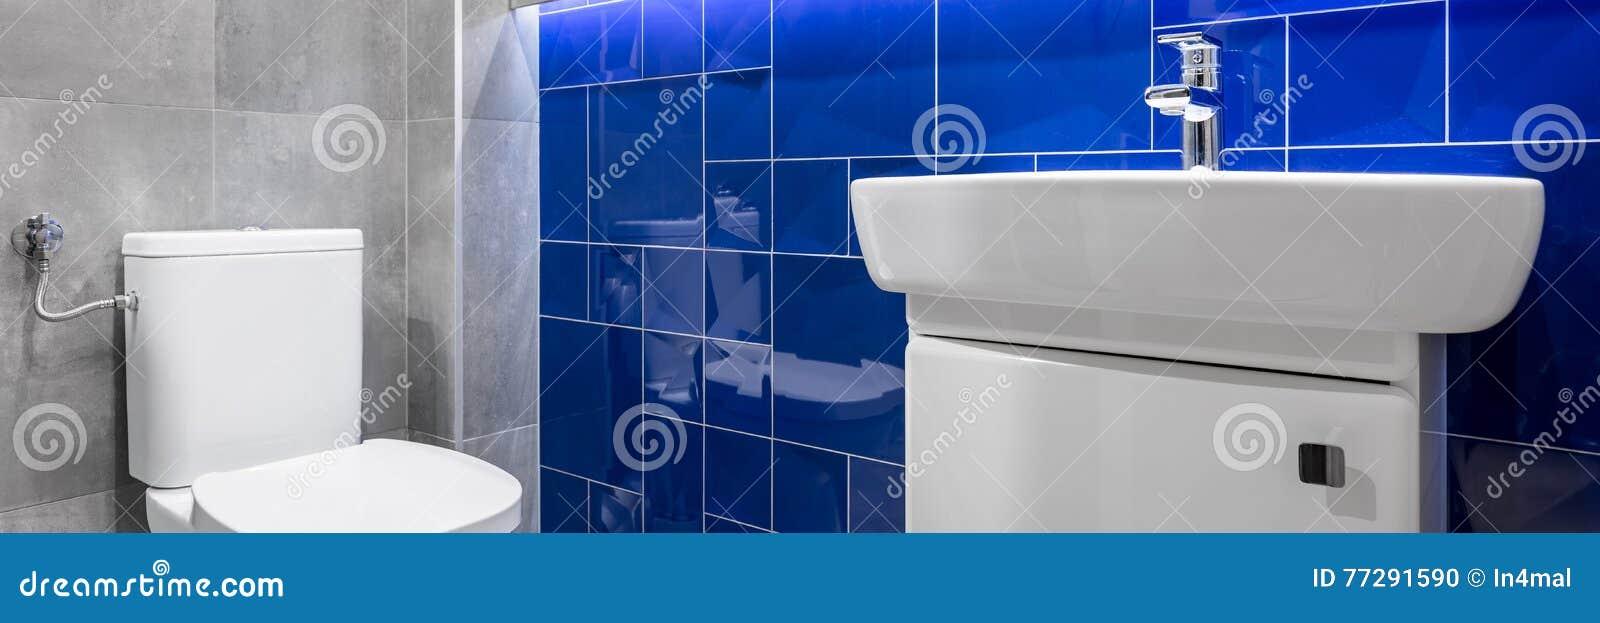 Badezimmer Mit Blauen Glatten Fliesen Stockfoto - Bild von ...